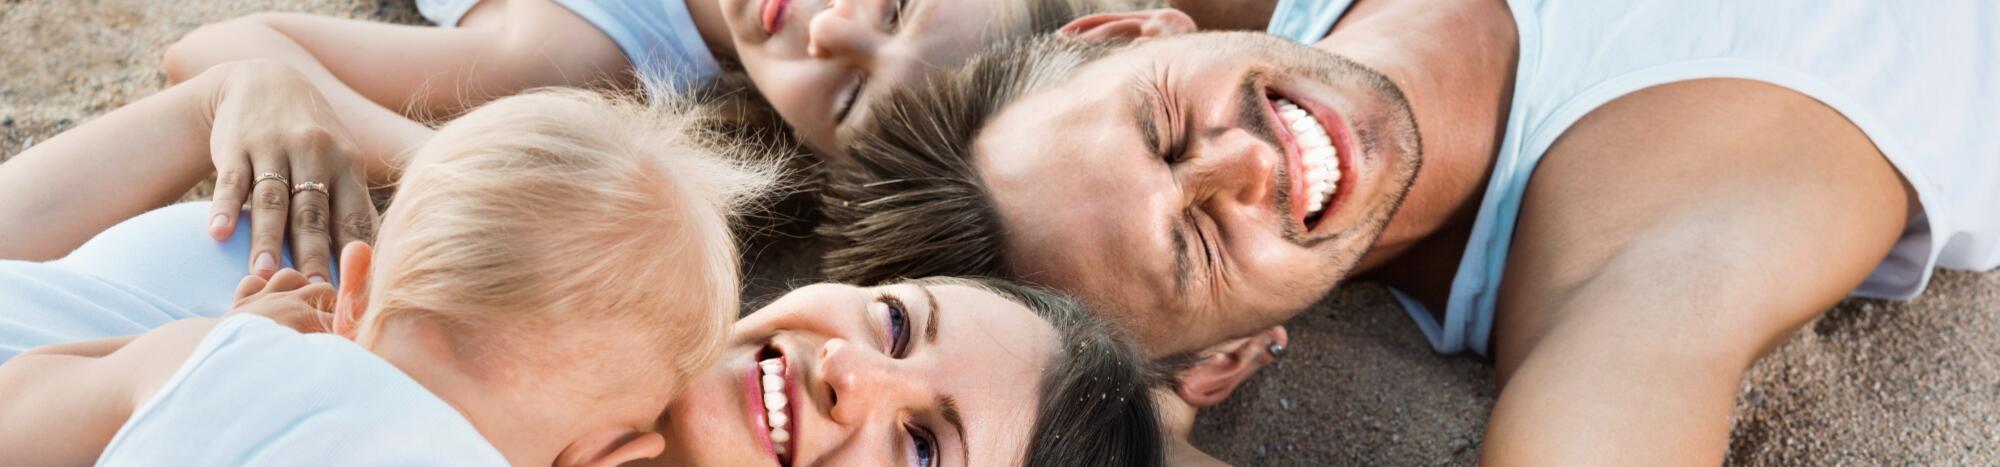 Offerta Inizio Giugno Rimini All Inclusive - Speciale Famiglie